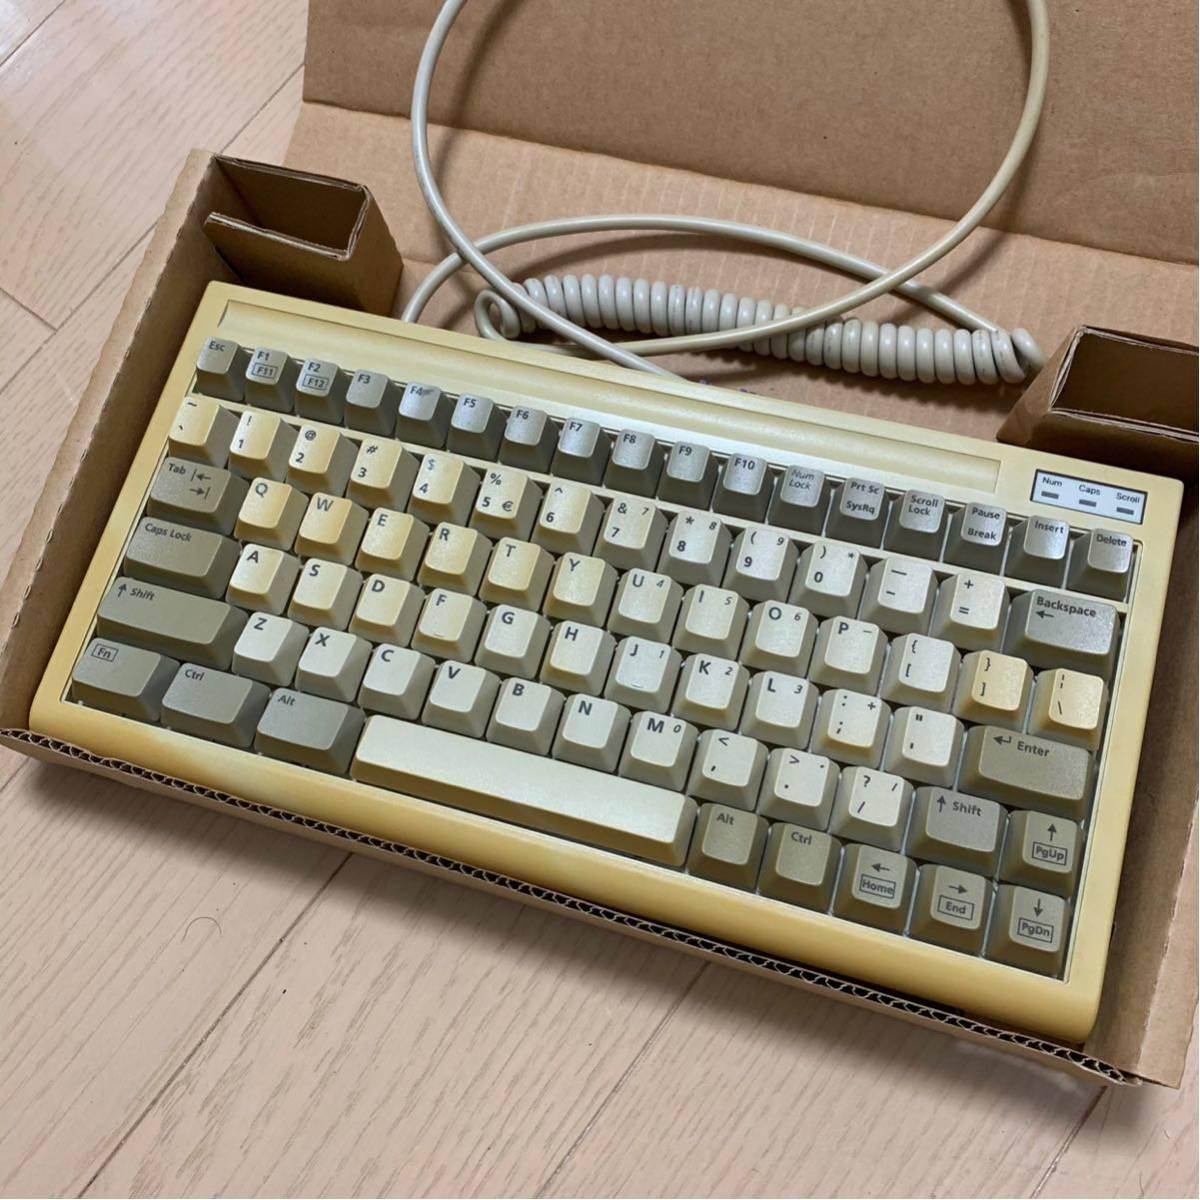 BTC-5100C happy hacking keyboardのようなこだわりの101レイアウトの英語キーボード 日焼けあり_画像2